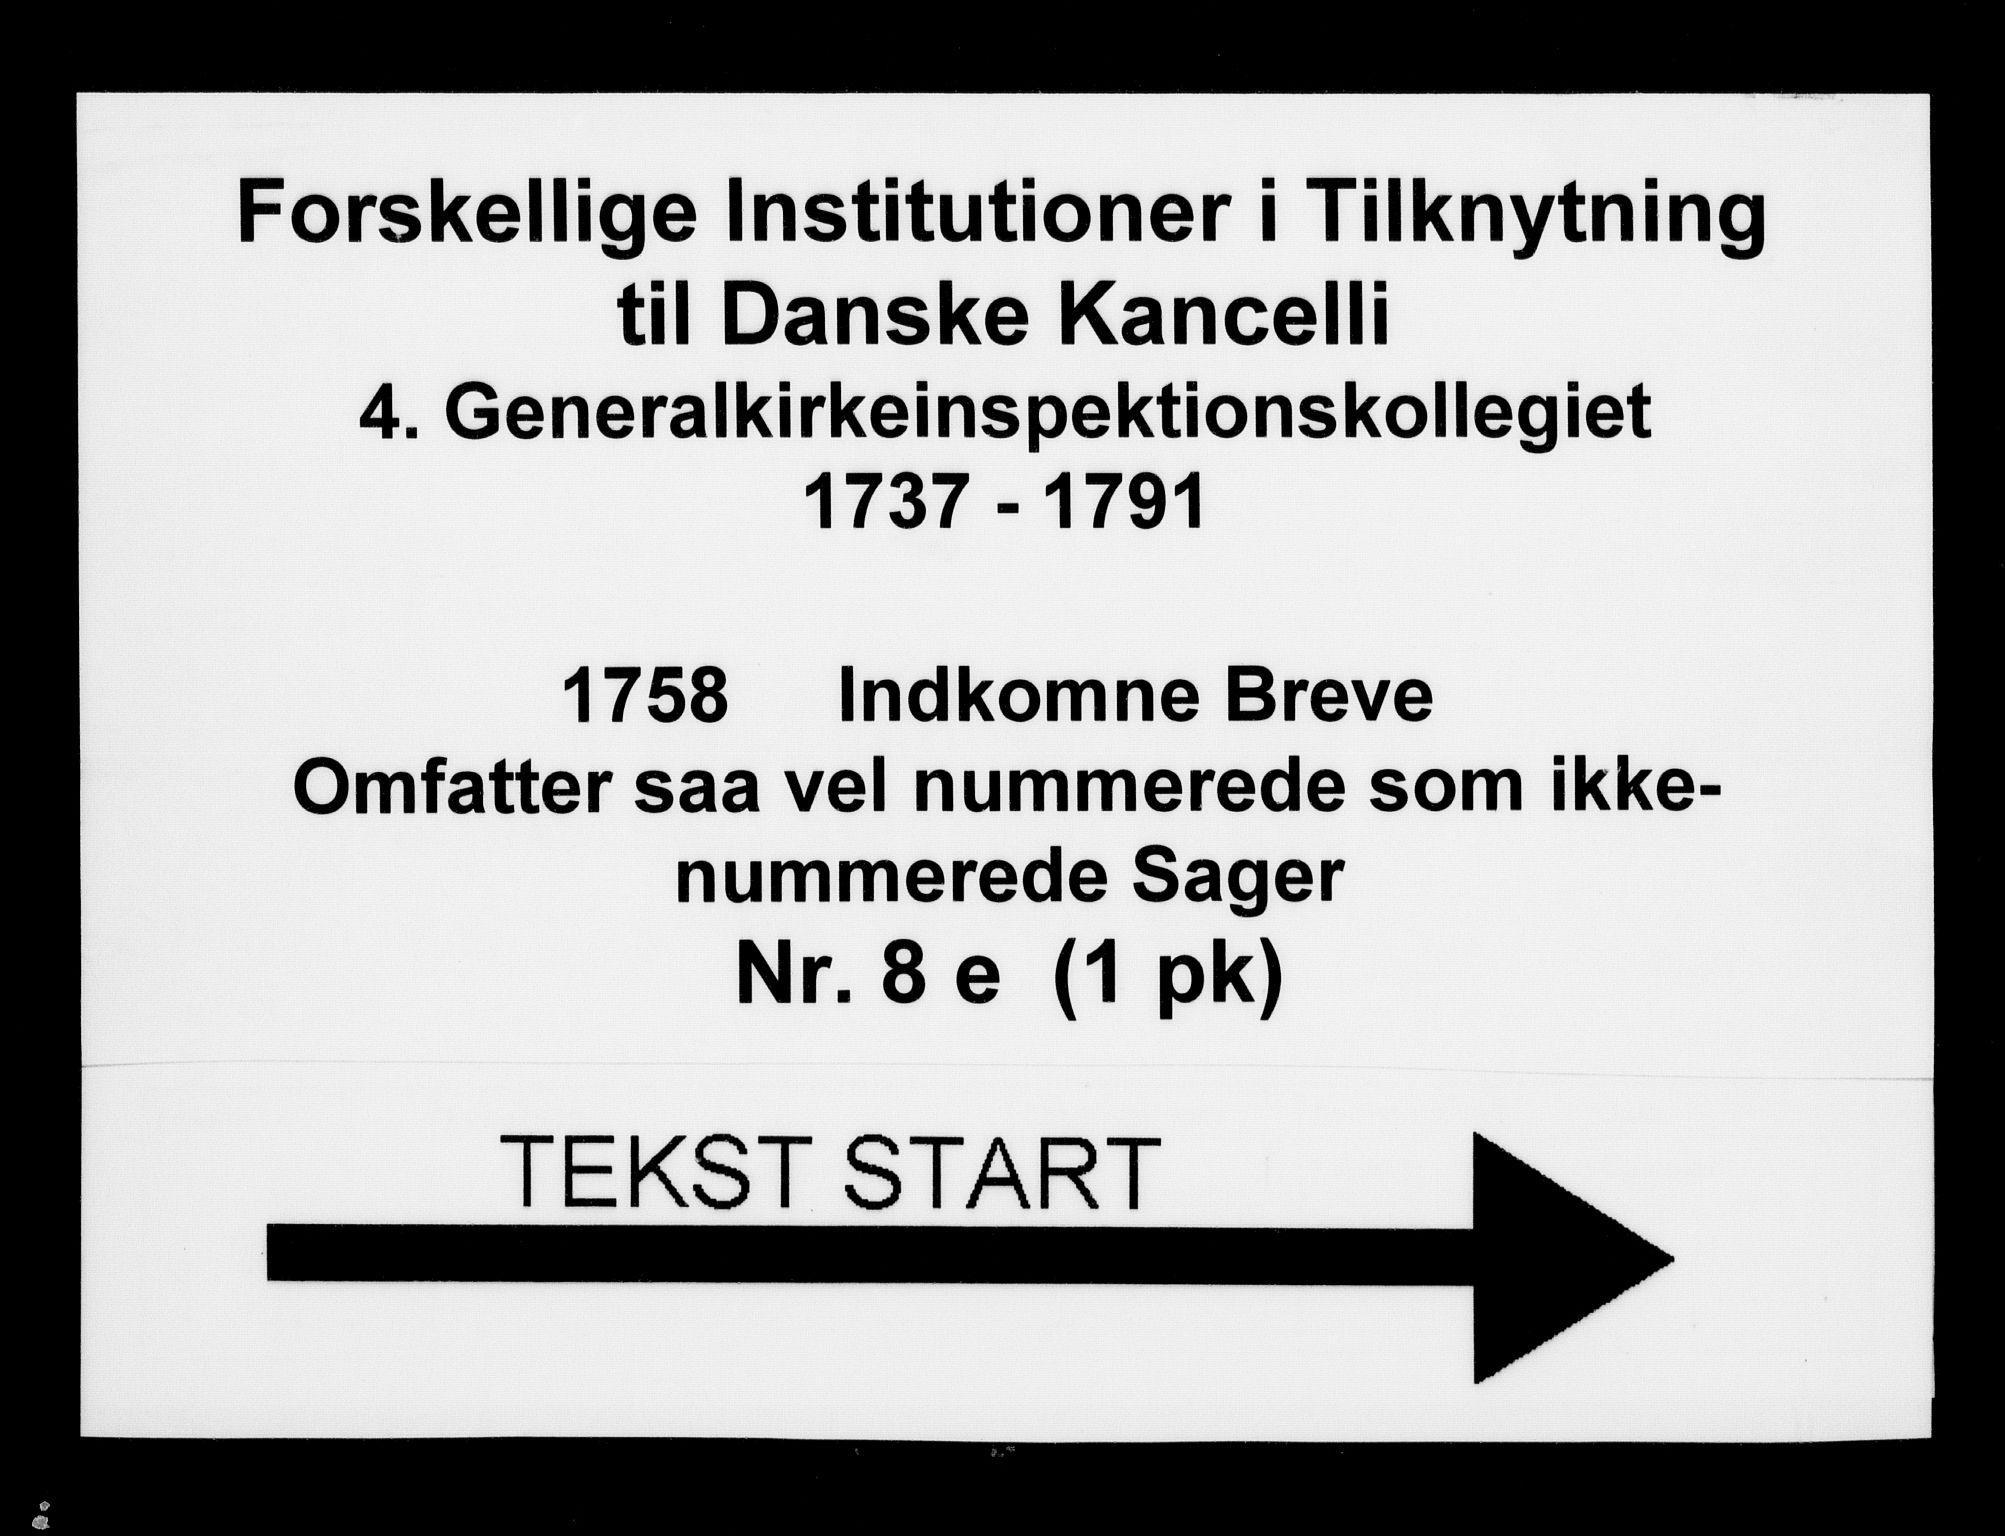 DRA, Generalkirkeinspektionskollegiet, F4-08/F4-08-05: Indkomne sager, 1758